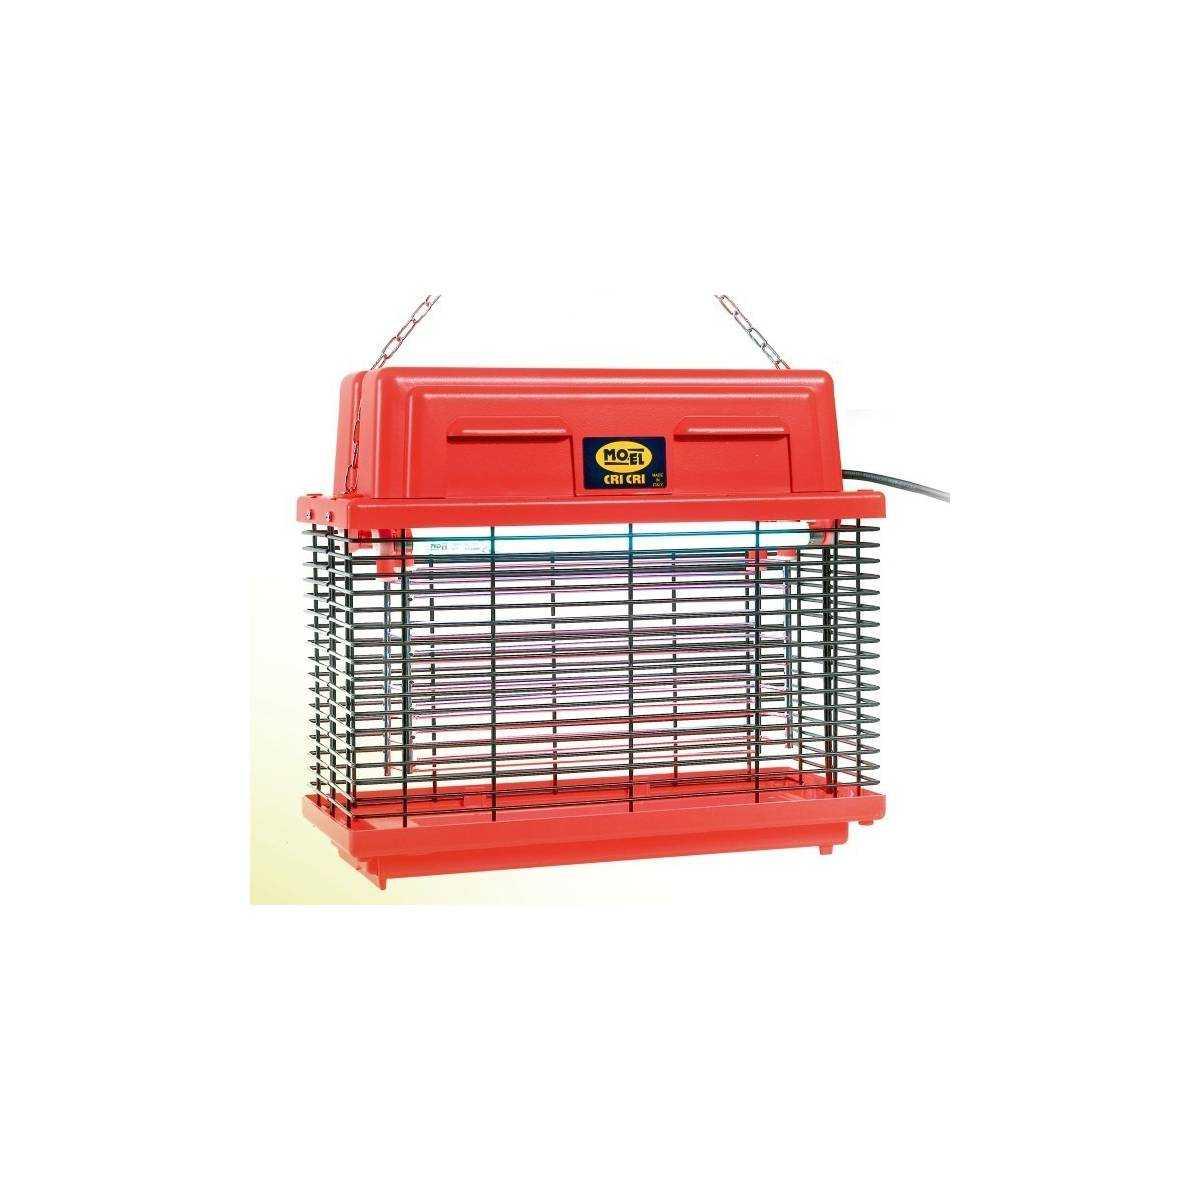 Уничтожитель летающих насекомых CriCri-309FR FLUO (Красный) PS-309FR MO-EL